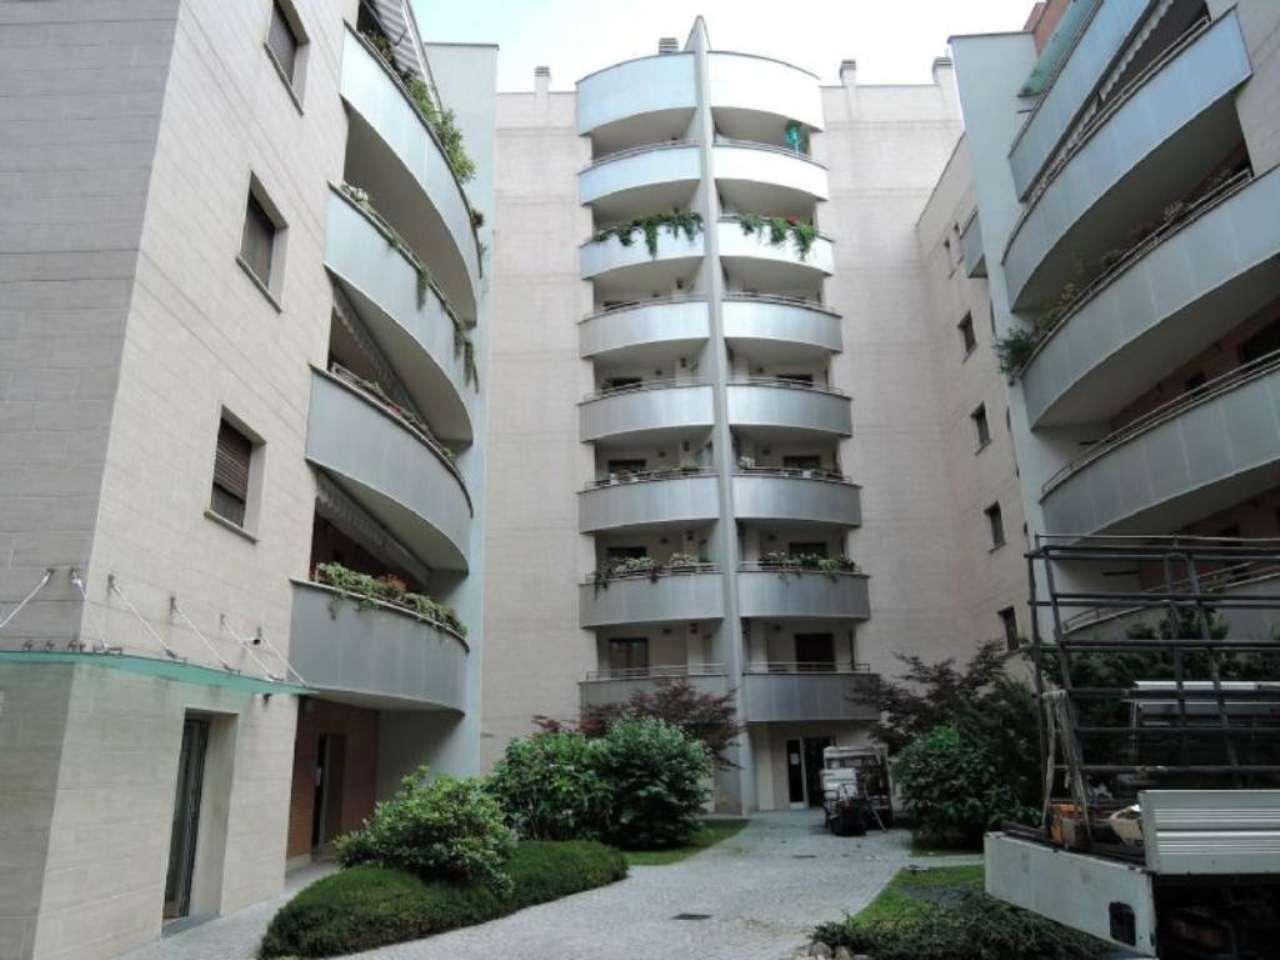 Appartamento in vendita a Milano, 3 locali, zona Zona: 5 . Citta' Studi, Lambrate, Udine, Loreto, Piola, Ortica, prezzo € 595.000 | Cambio Casa.it